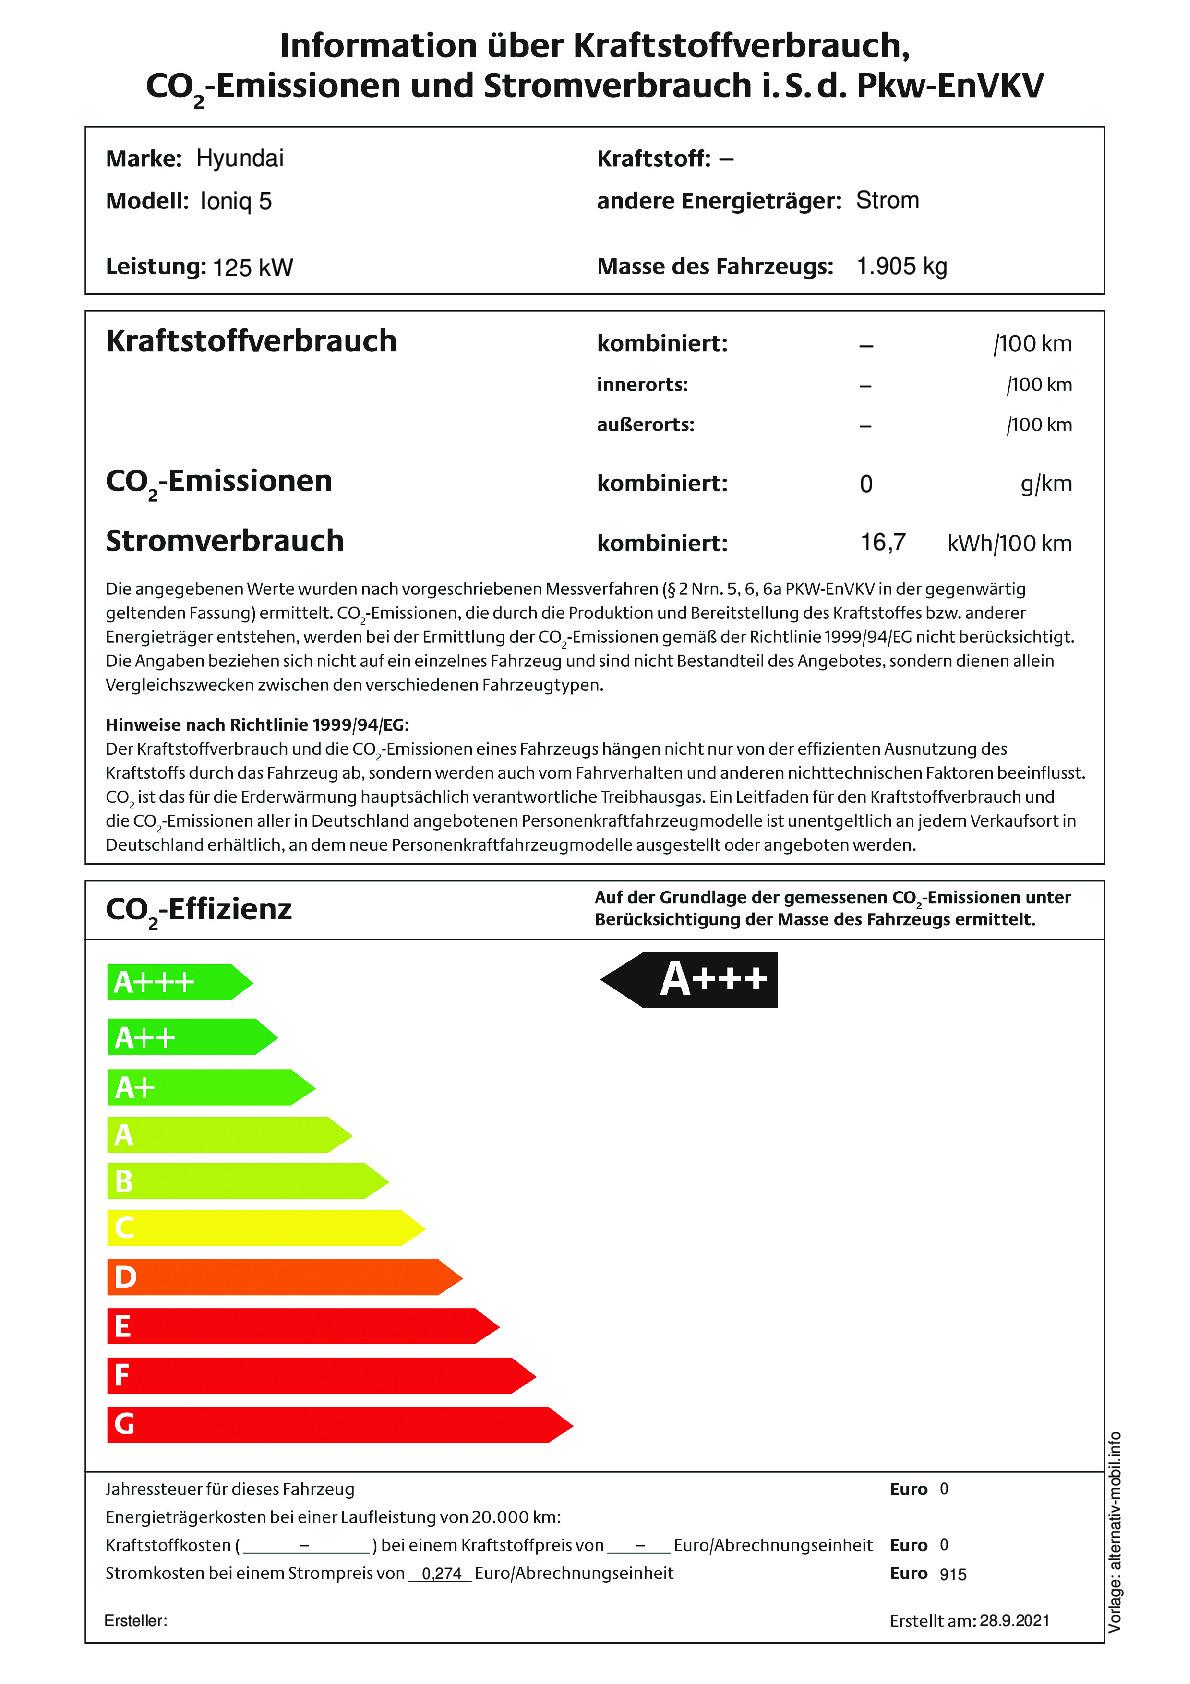 Energielabel 58 kWh Heckantrieb